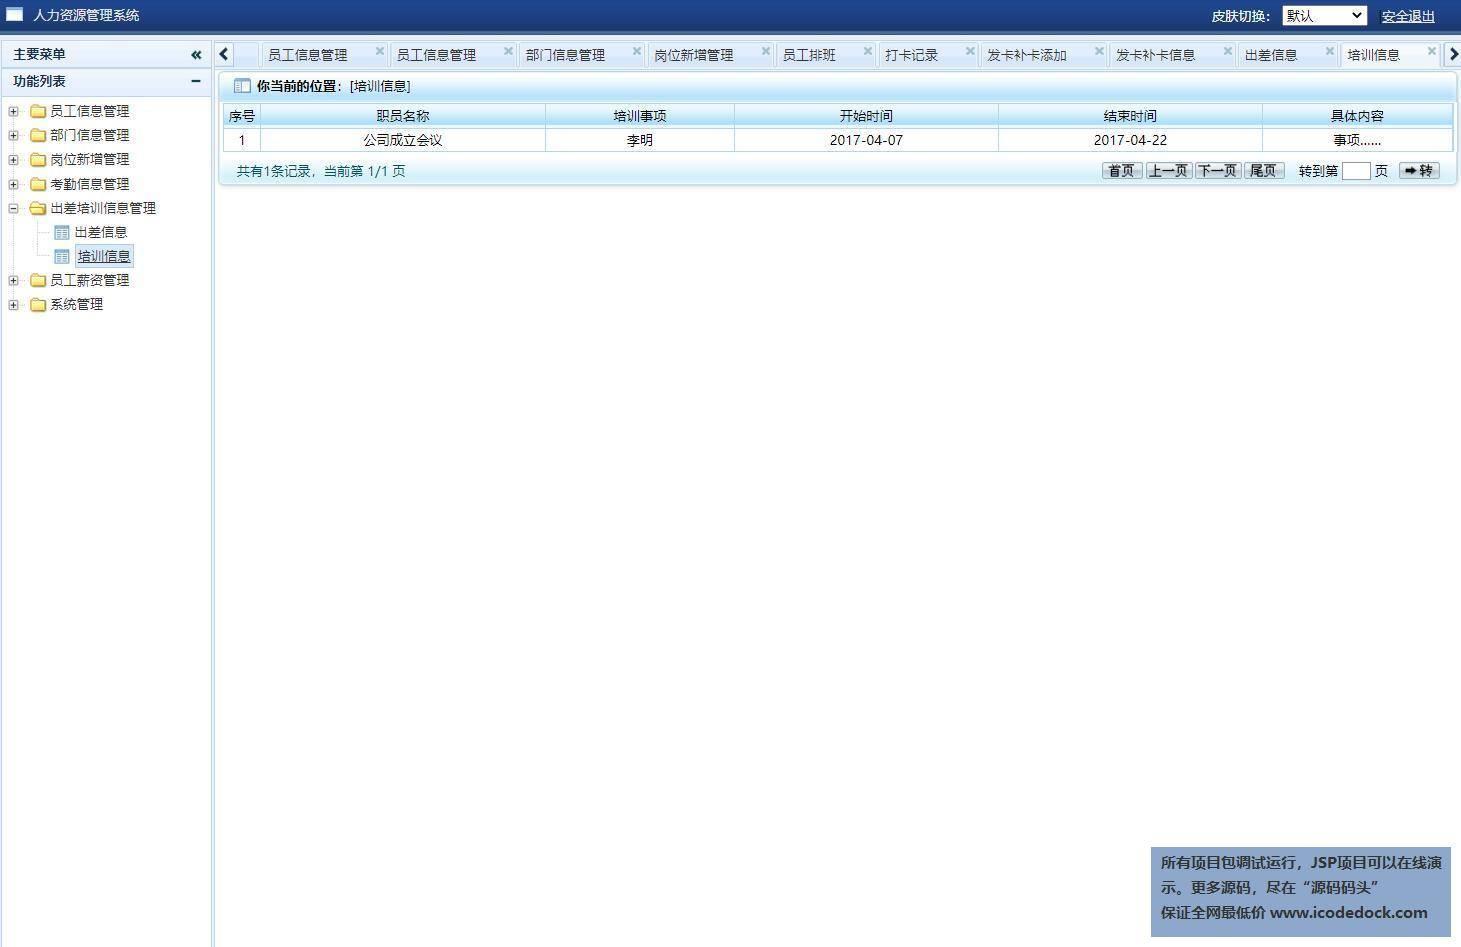 源码码头-SSH公司企业人力资源管理系统-管理员角色-培训信息管理